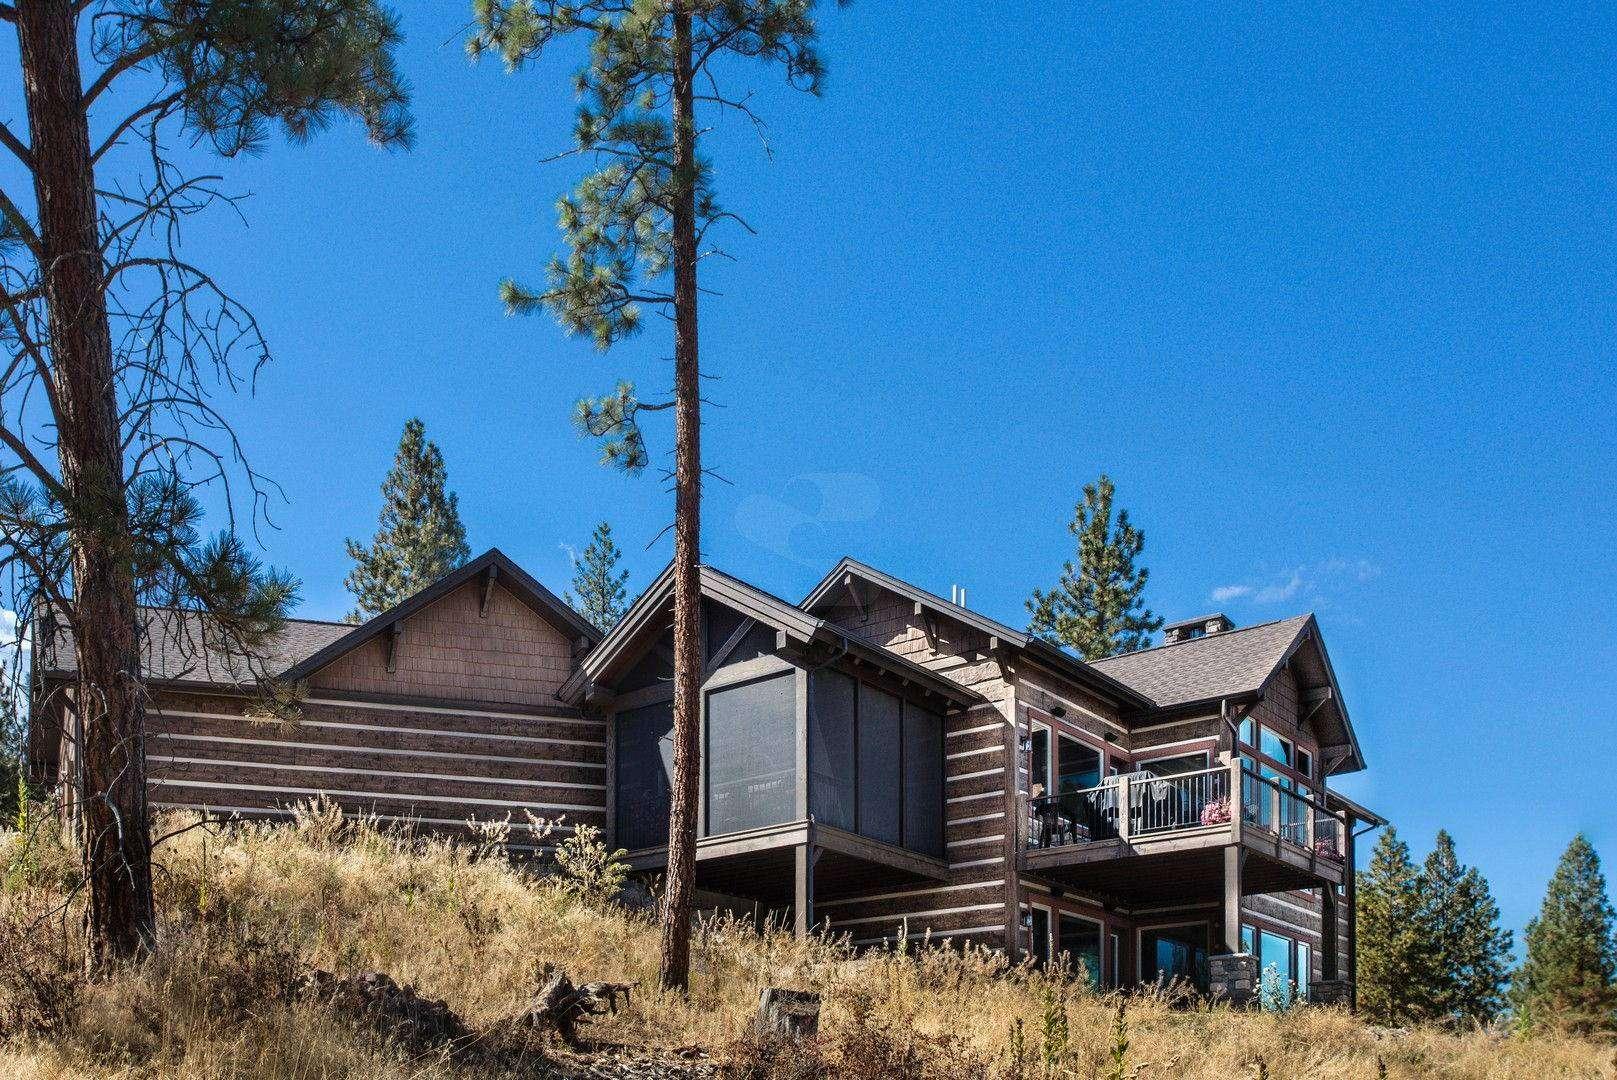 Montana Log Home with Concrete Log Siding 06